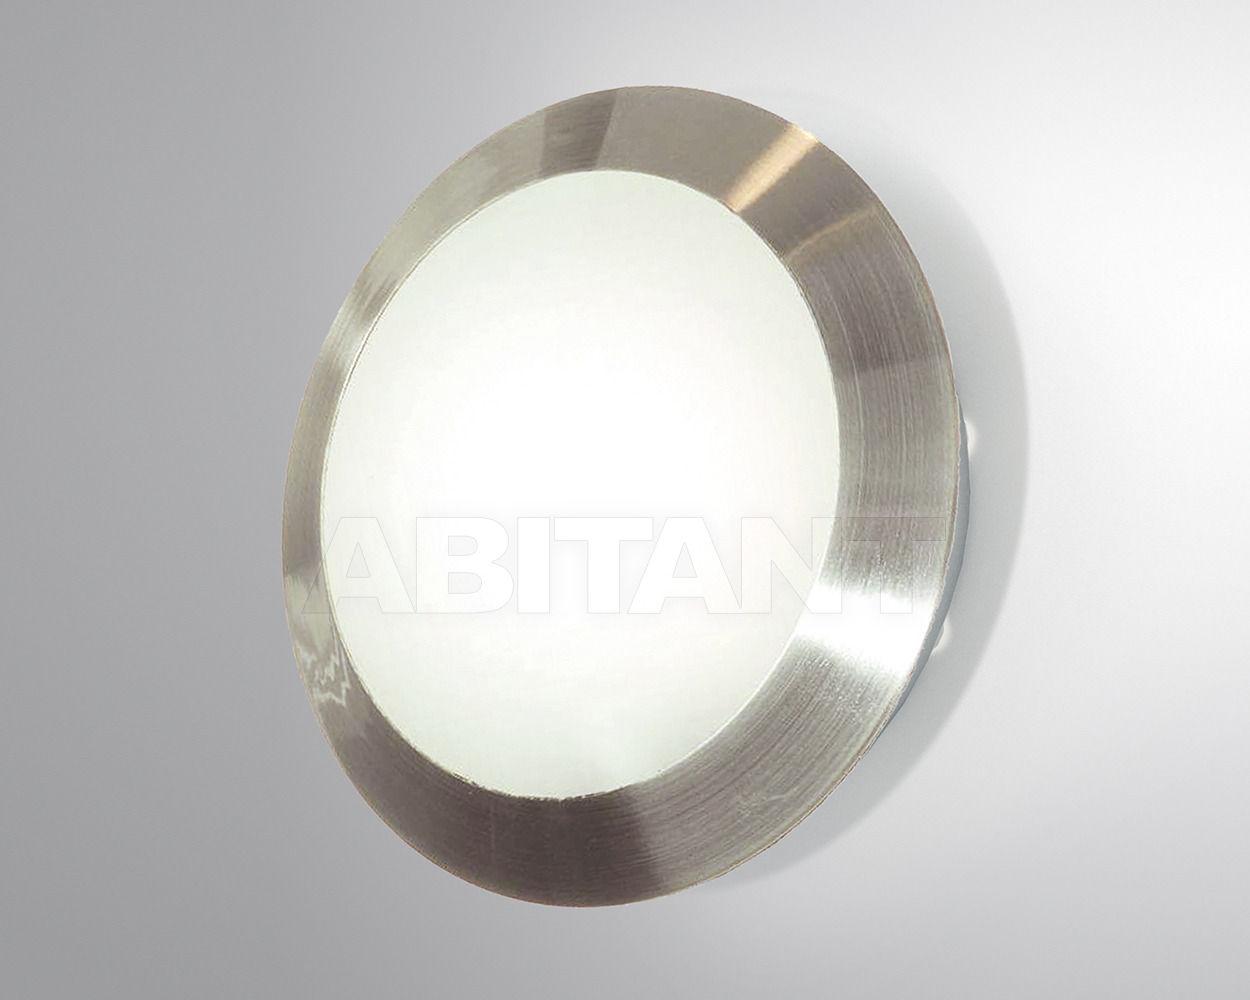 Купить Бра Linea Verdace 2012 LV 32020/NM